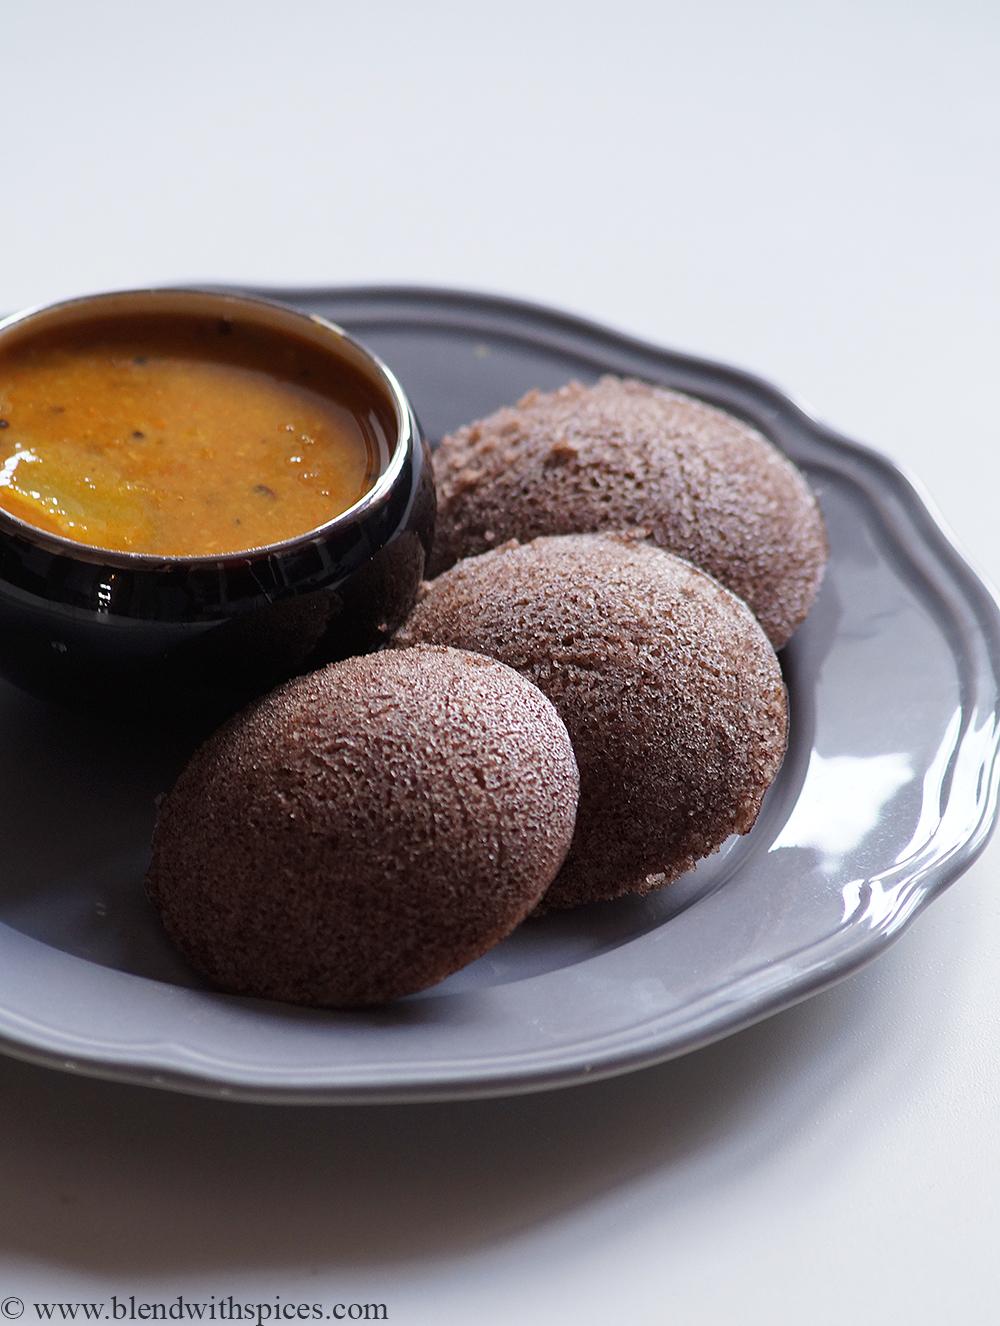 Instant ragi rava idlis with sambar